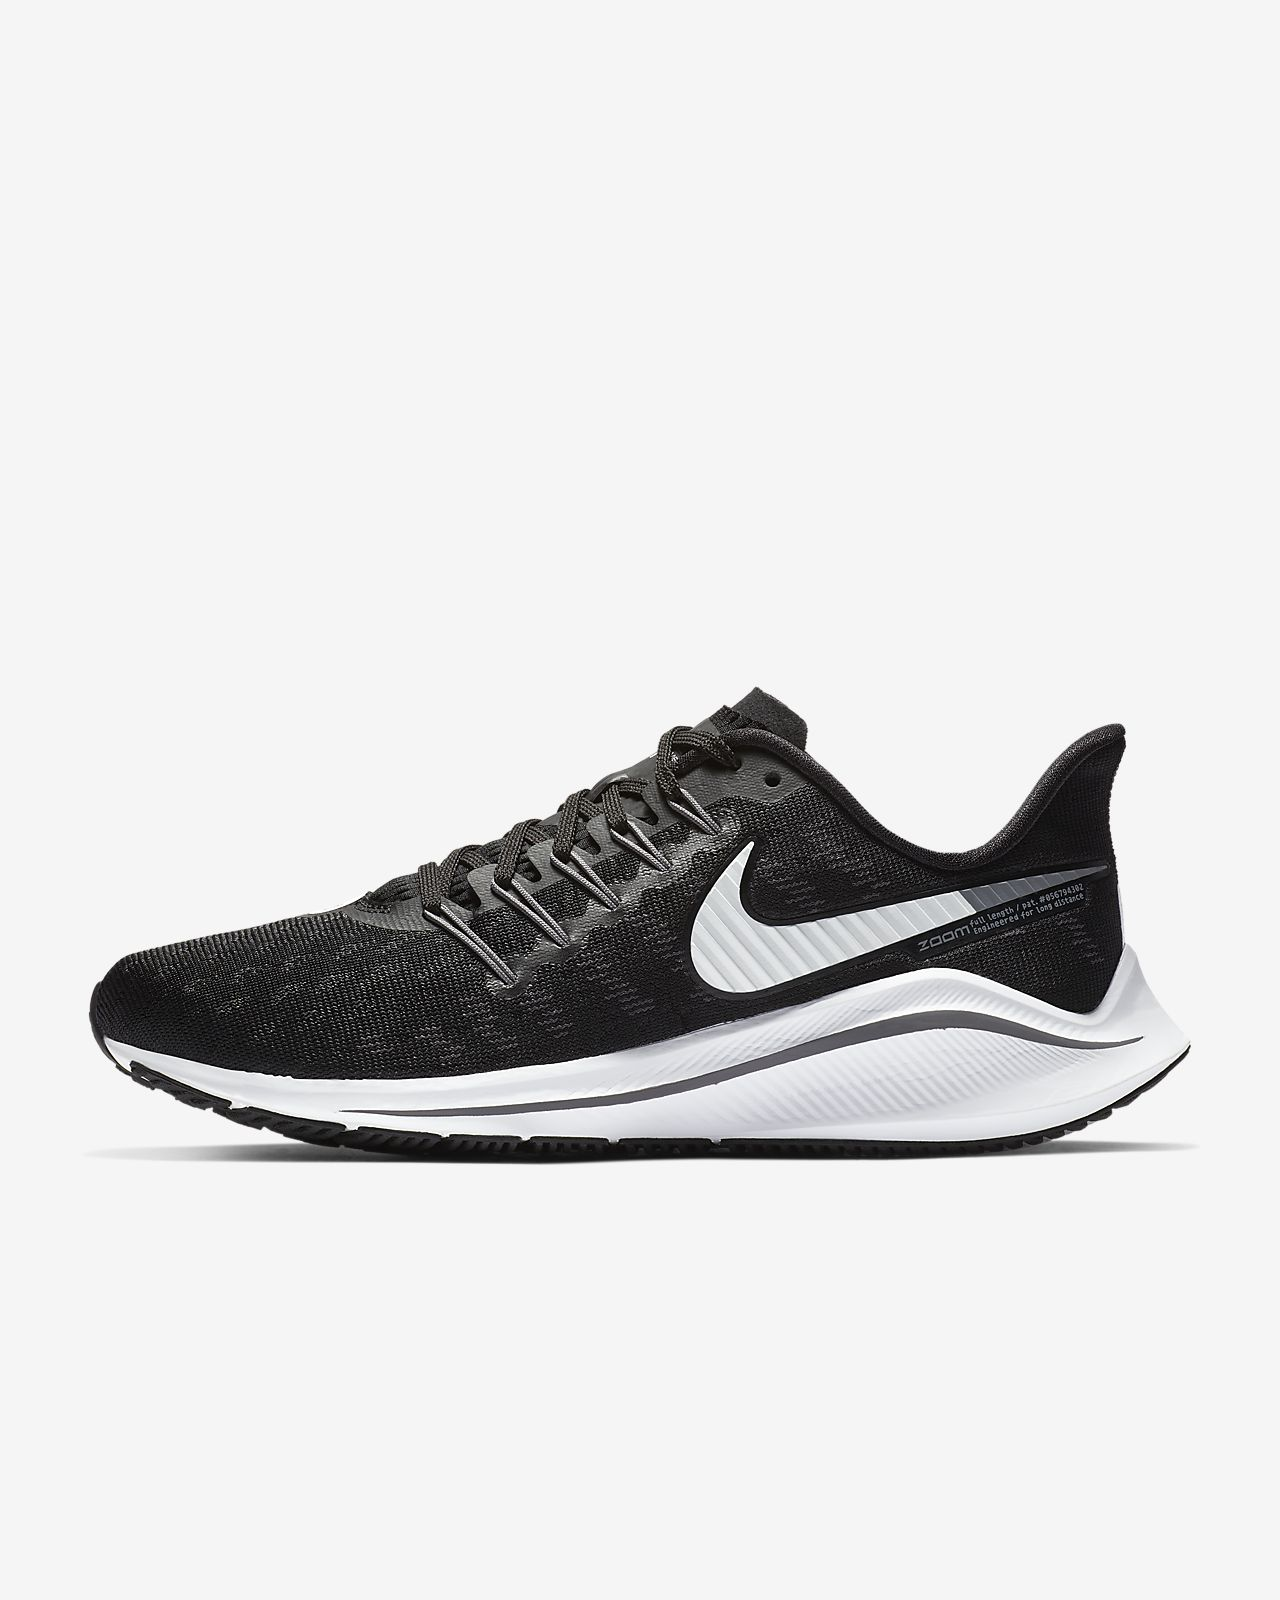 572e9c3e22f4c Nike Air Zoom Vomero 14 Zapatillas de running - Mujer. Nike.com ES